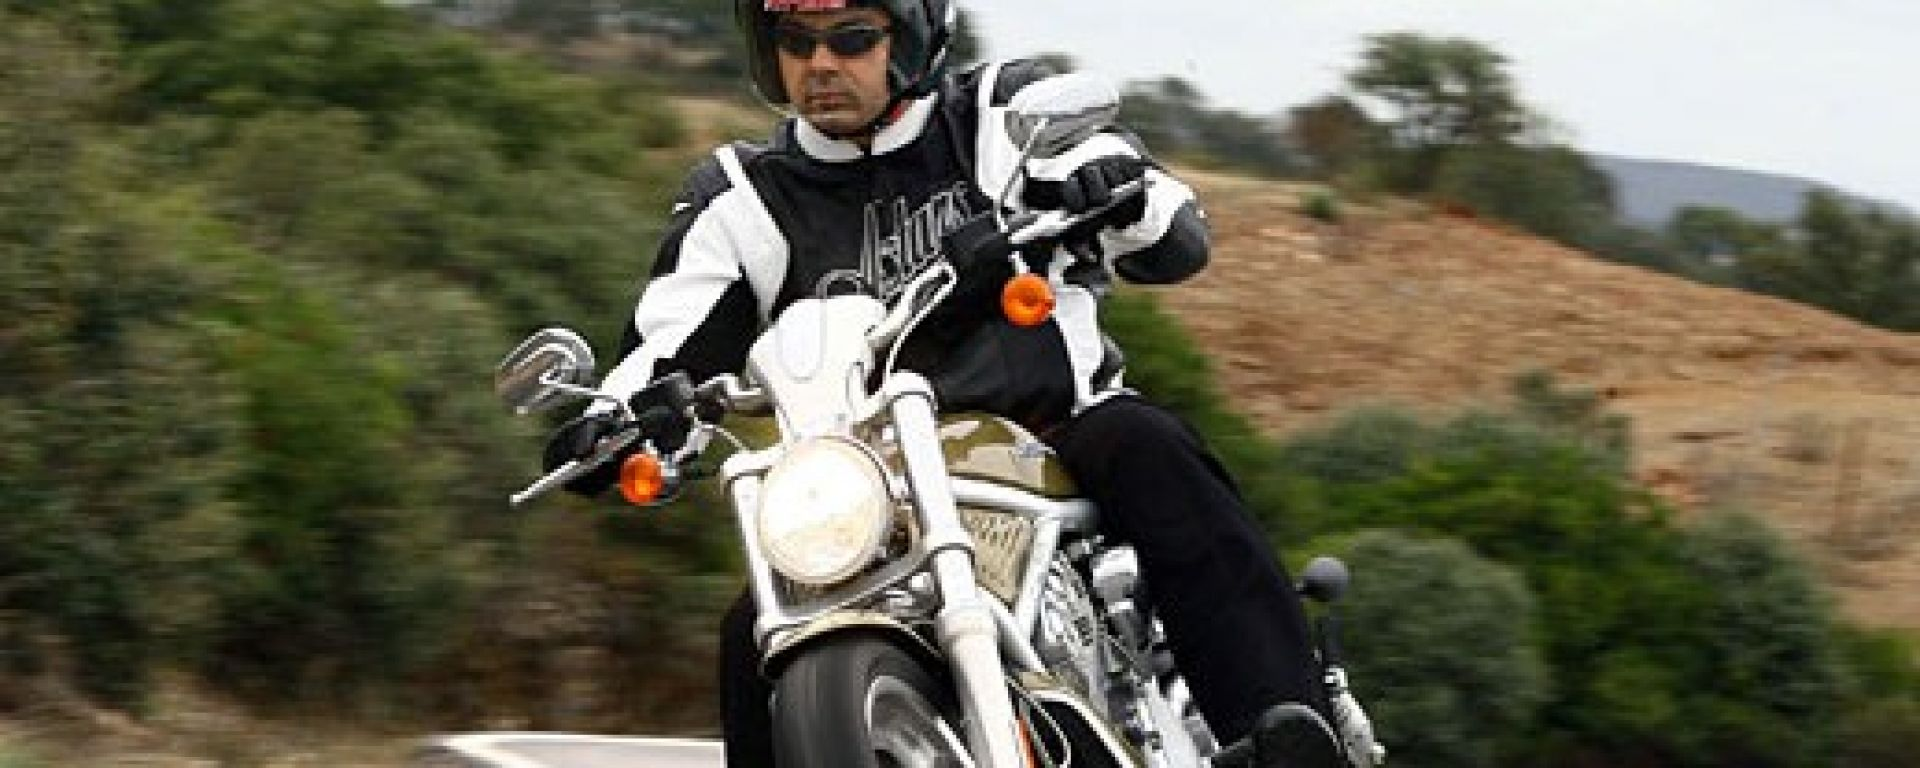 Harley-Davidson Sportster e VRSC 2007